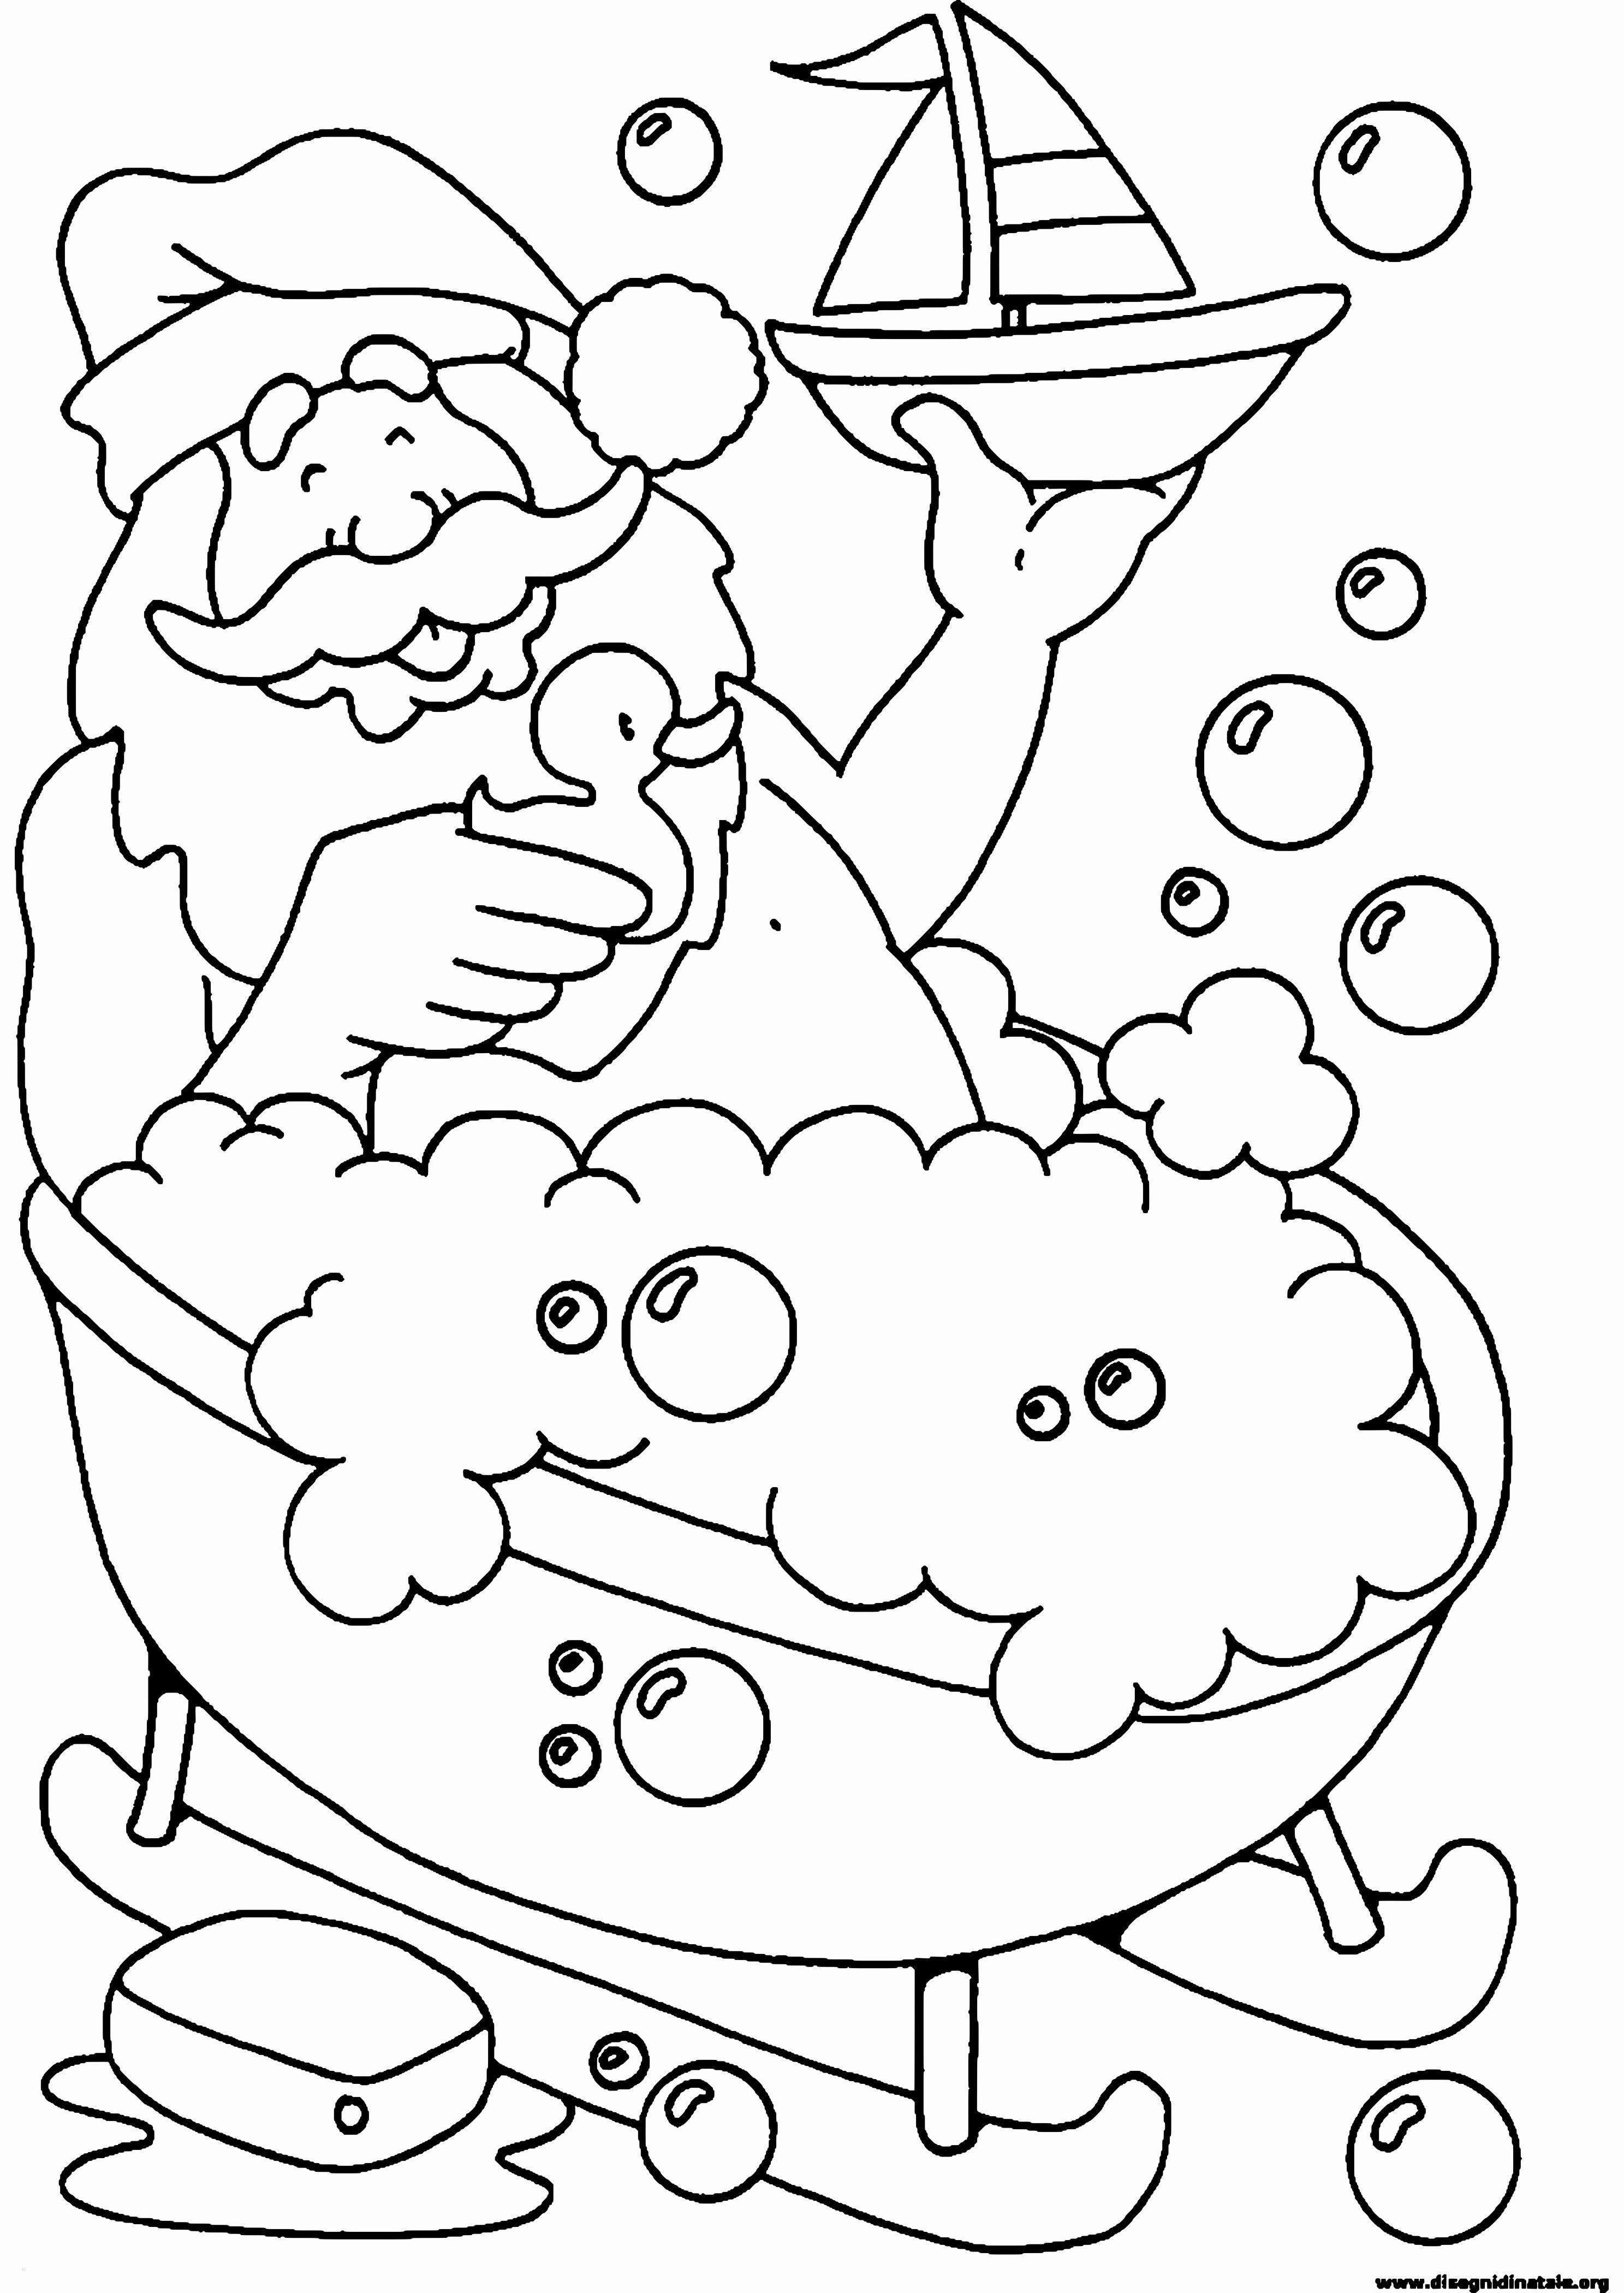 Ausmalbild Hello Kitty Frisch Ausmalbilder Hello Kitty Meerjungfrau New 32 Ausmalbilder Ich Bilder